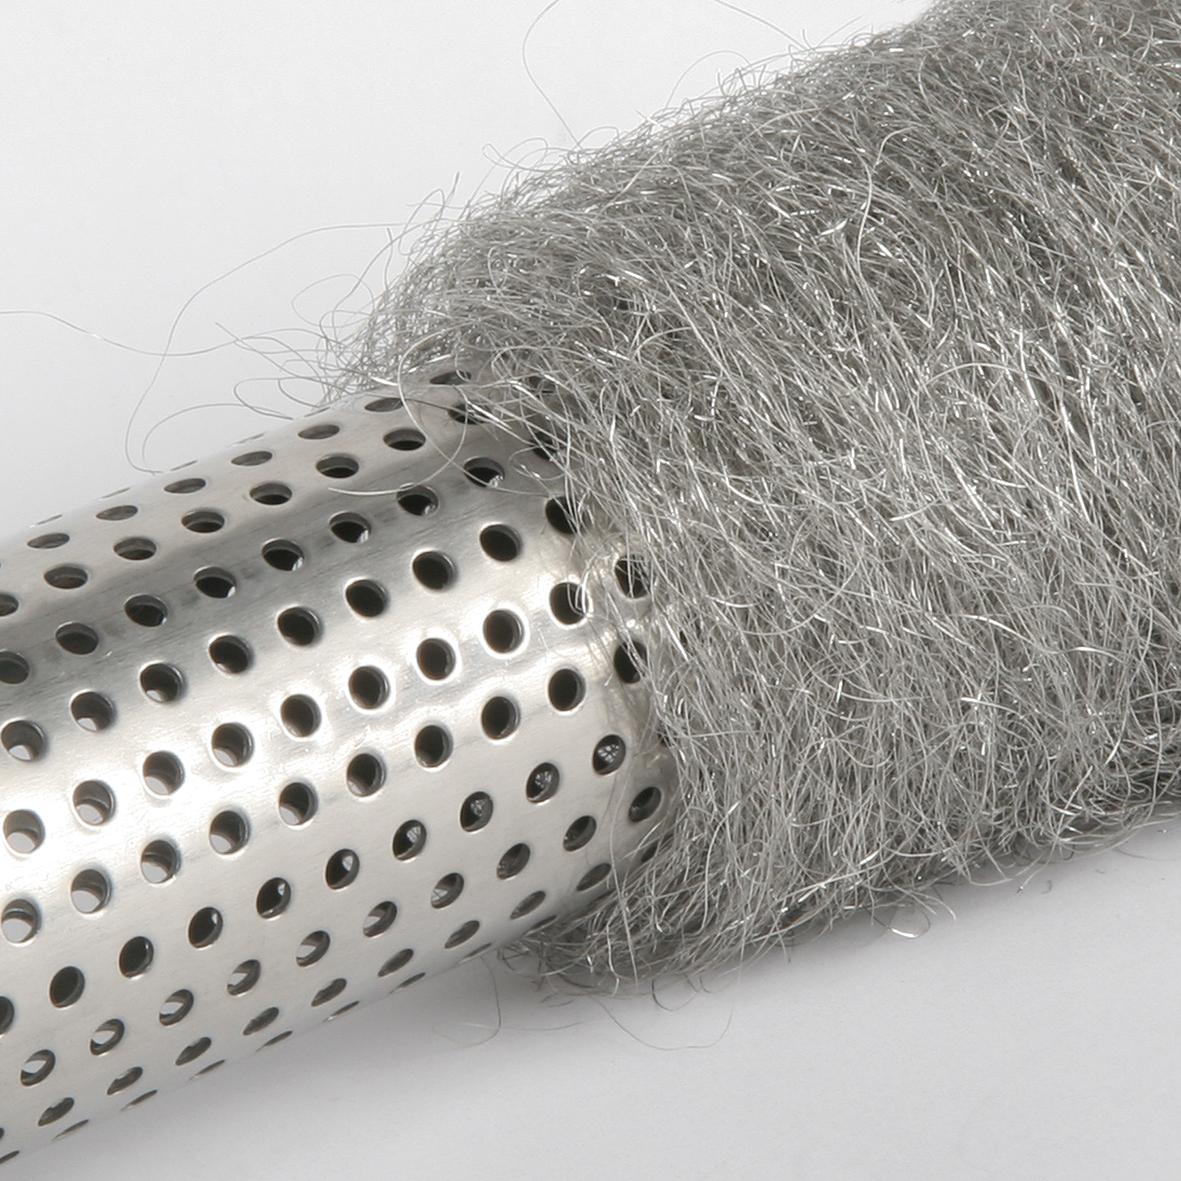 50 cm Powersprint Edelstahl Auspuffrohr Durchm 40 mm 500mm lang NEU